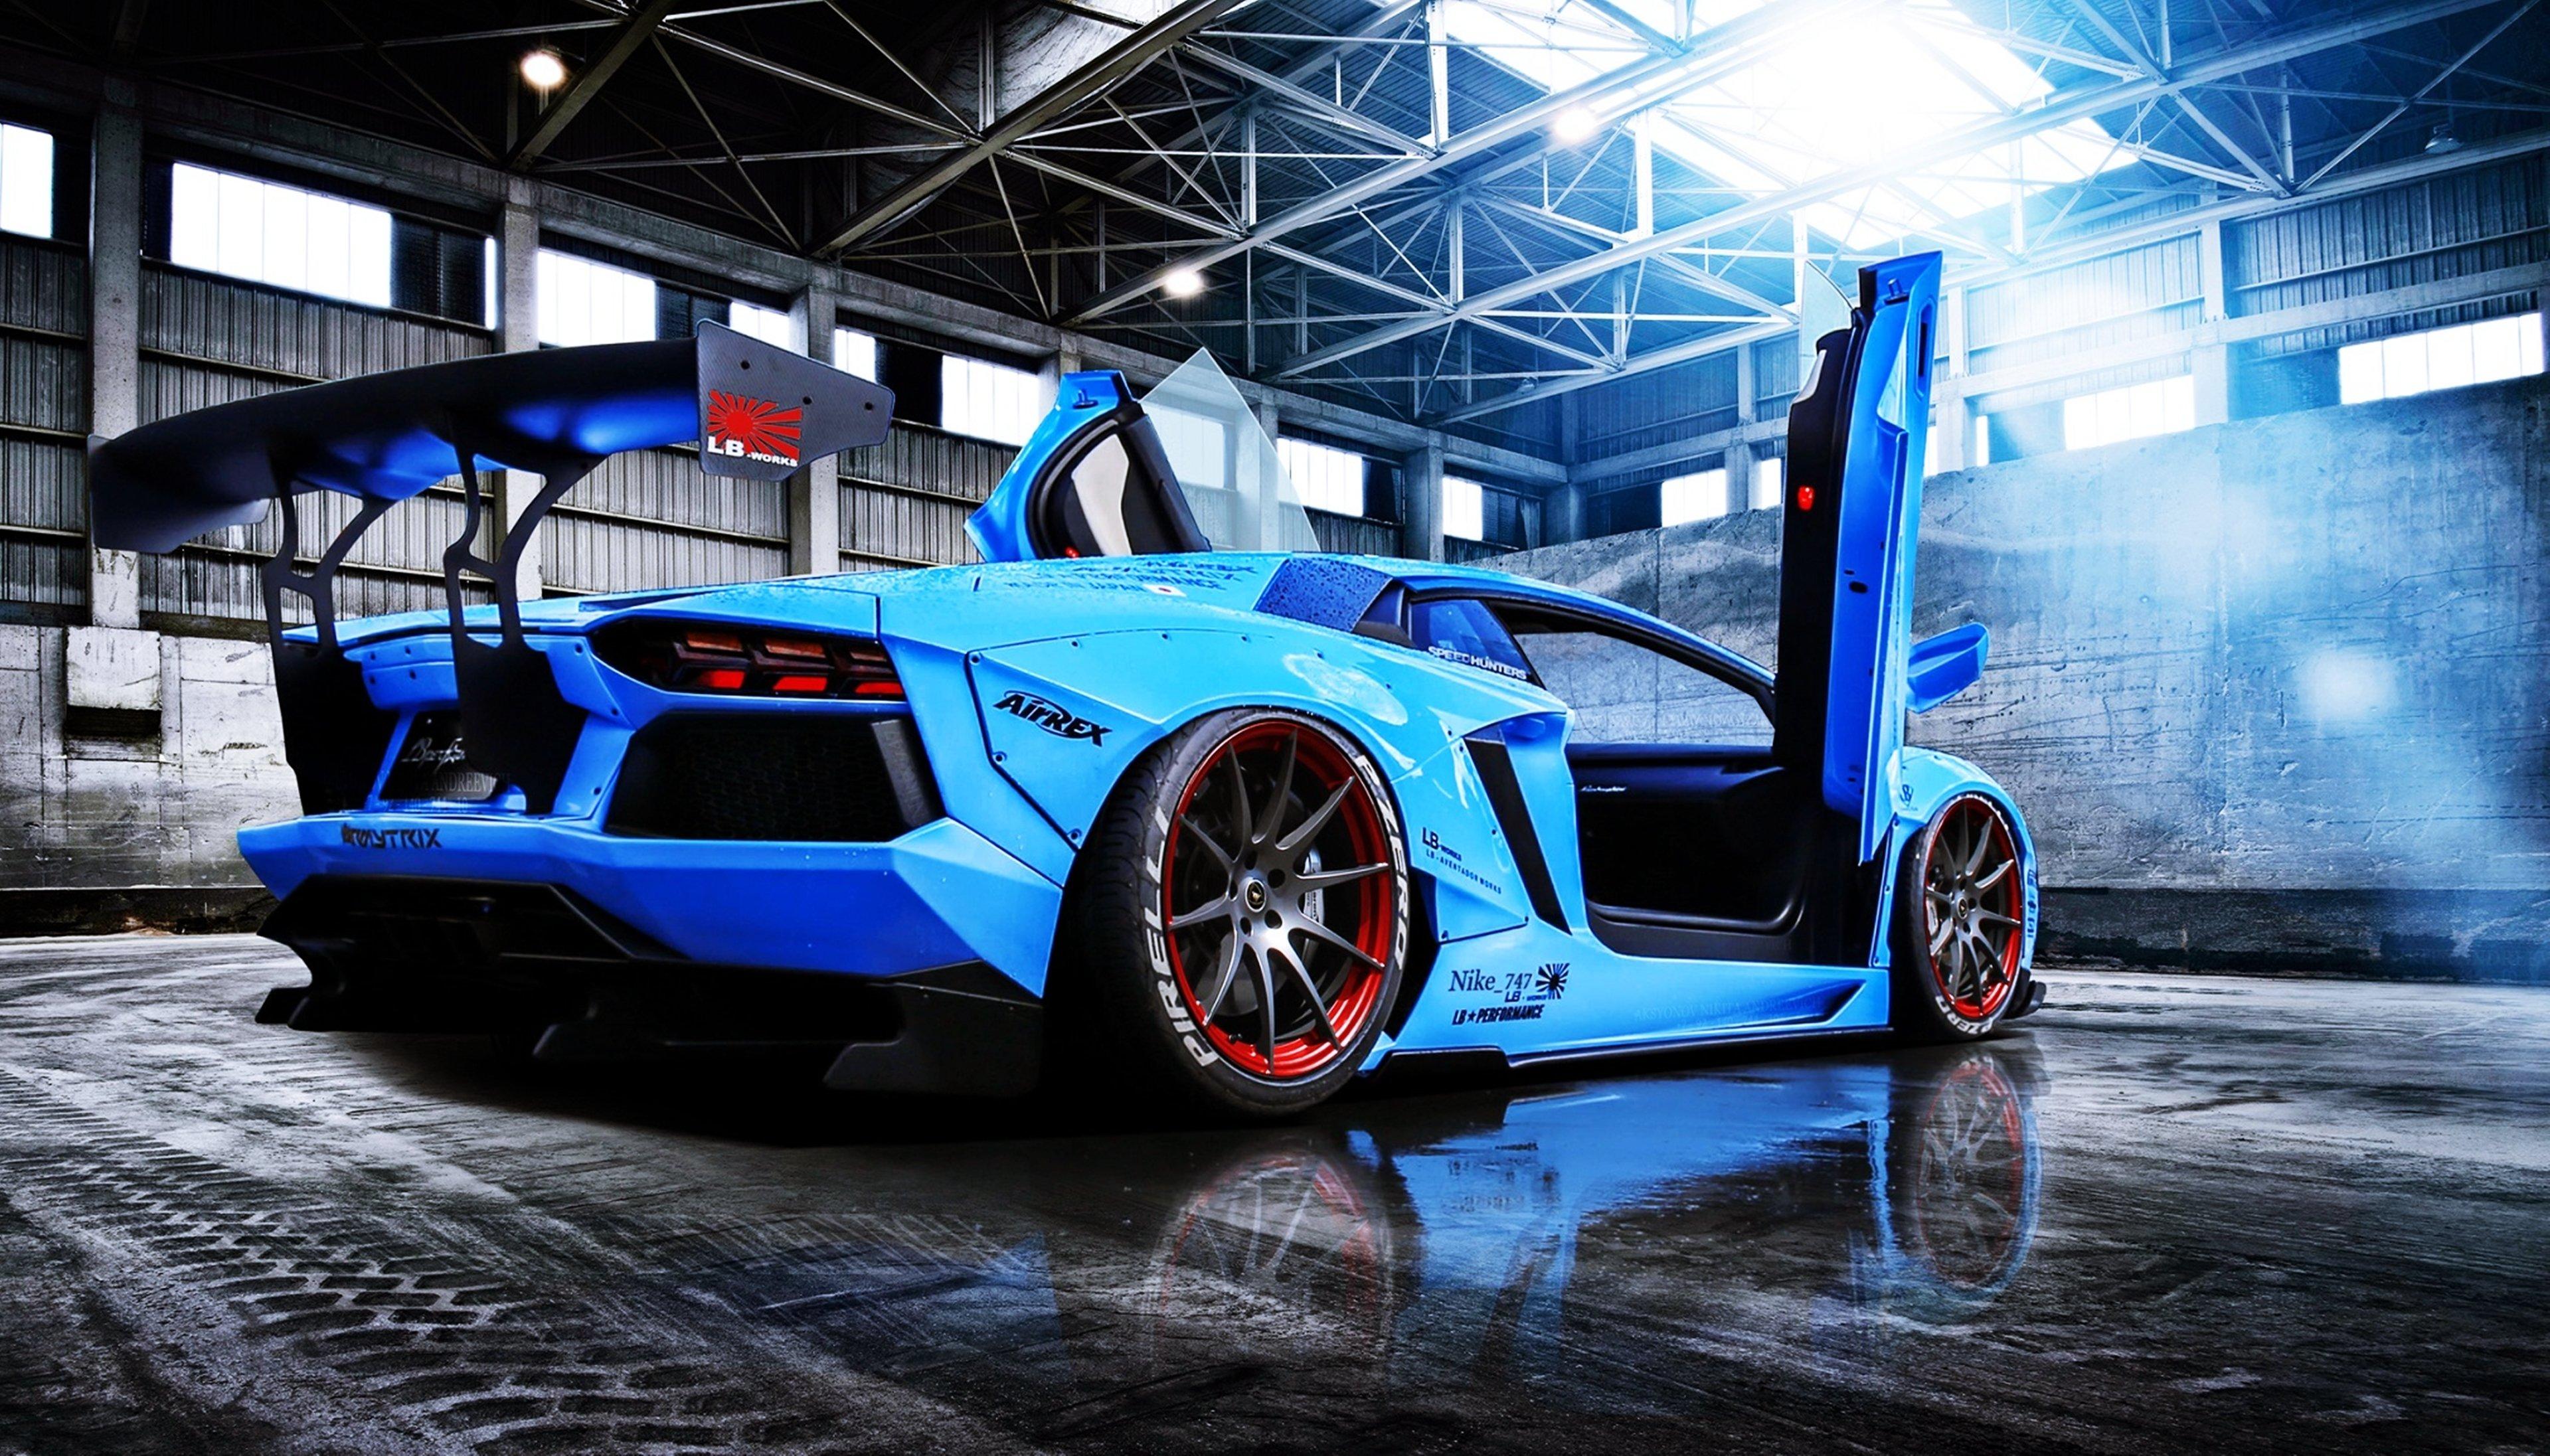 Aventador Beam Blue Cars Doors Lamborghini Liberty Motors